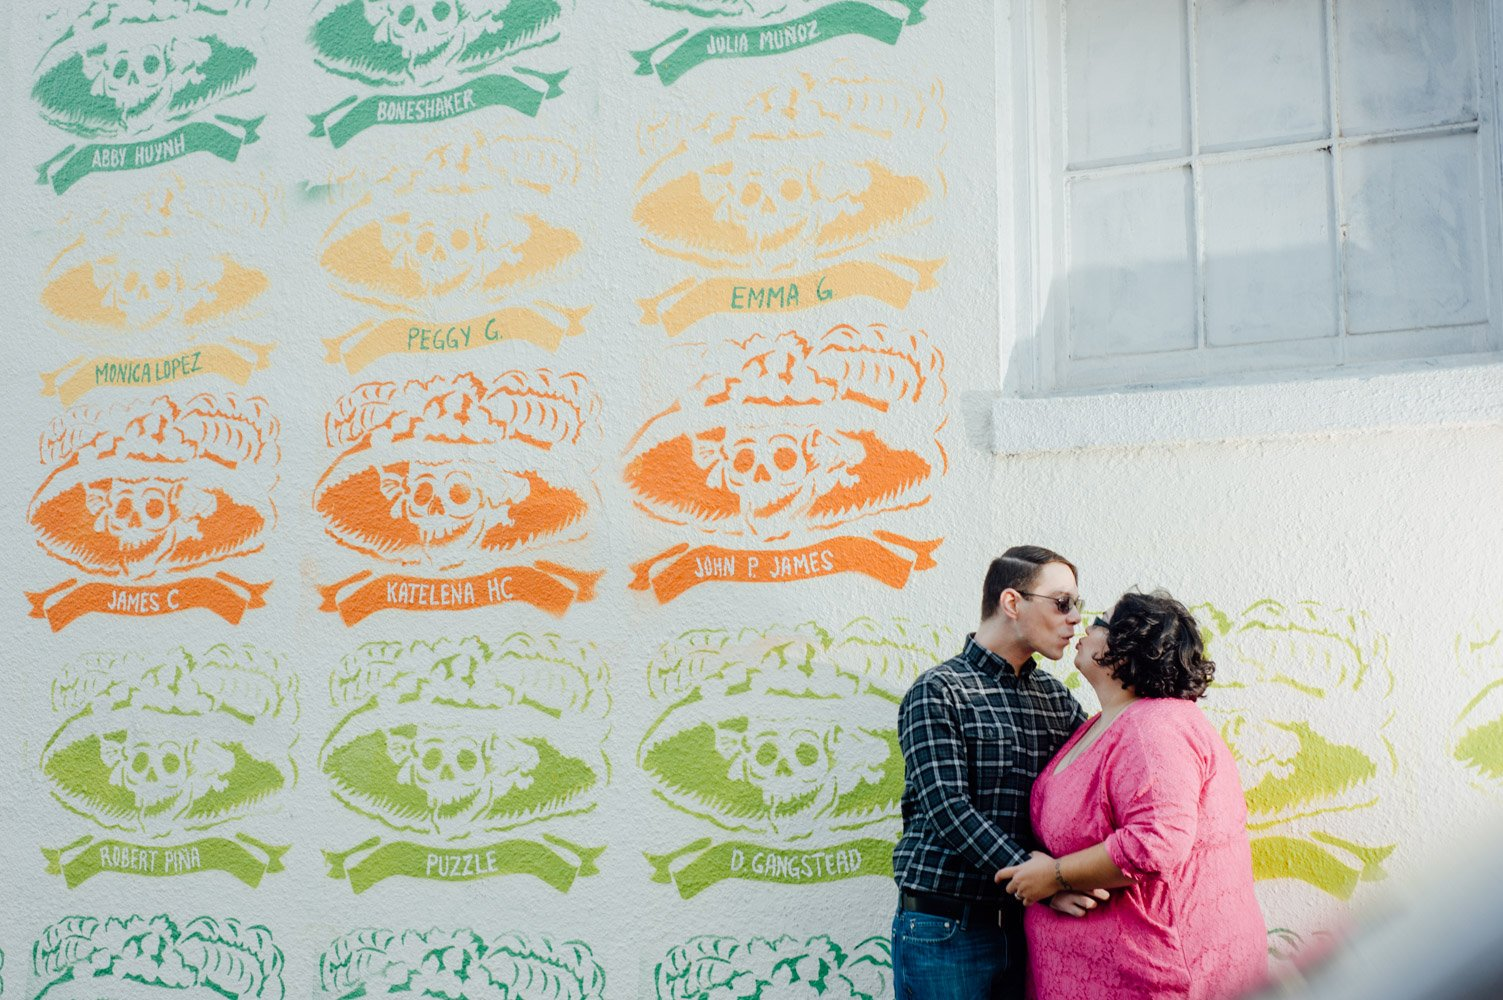 dia de los muertos mural austin, plus size engagement photos, texas wedding photographer, downtown austin portrait session, central austin creative wedding photography,